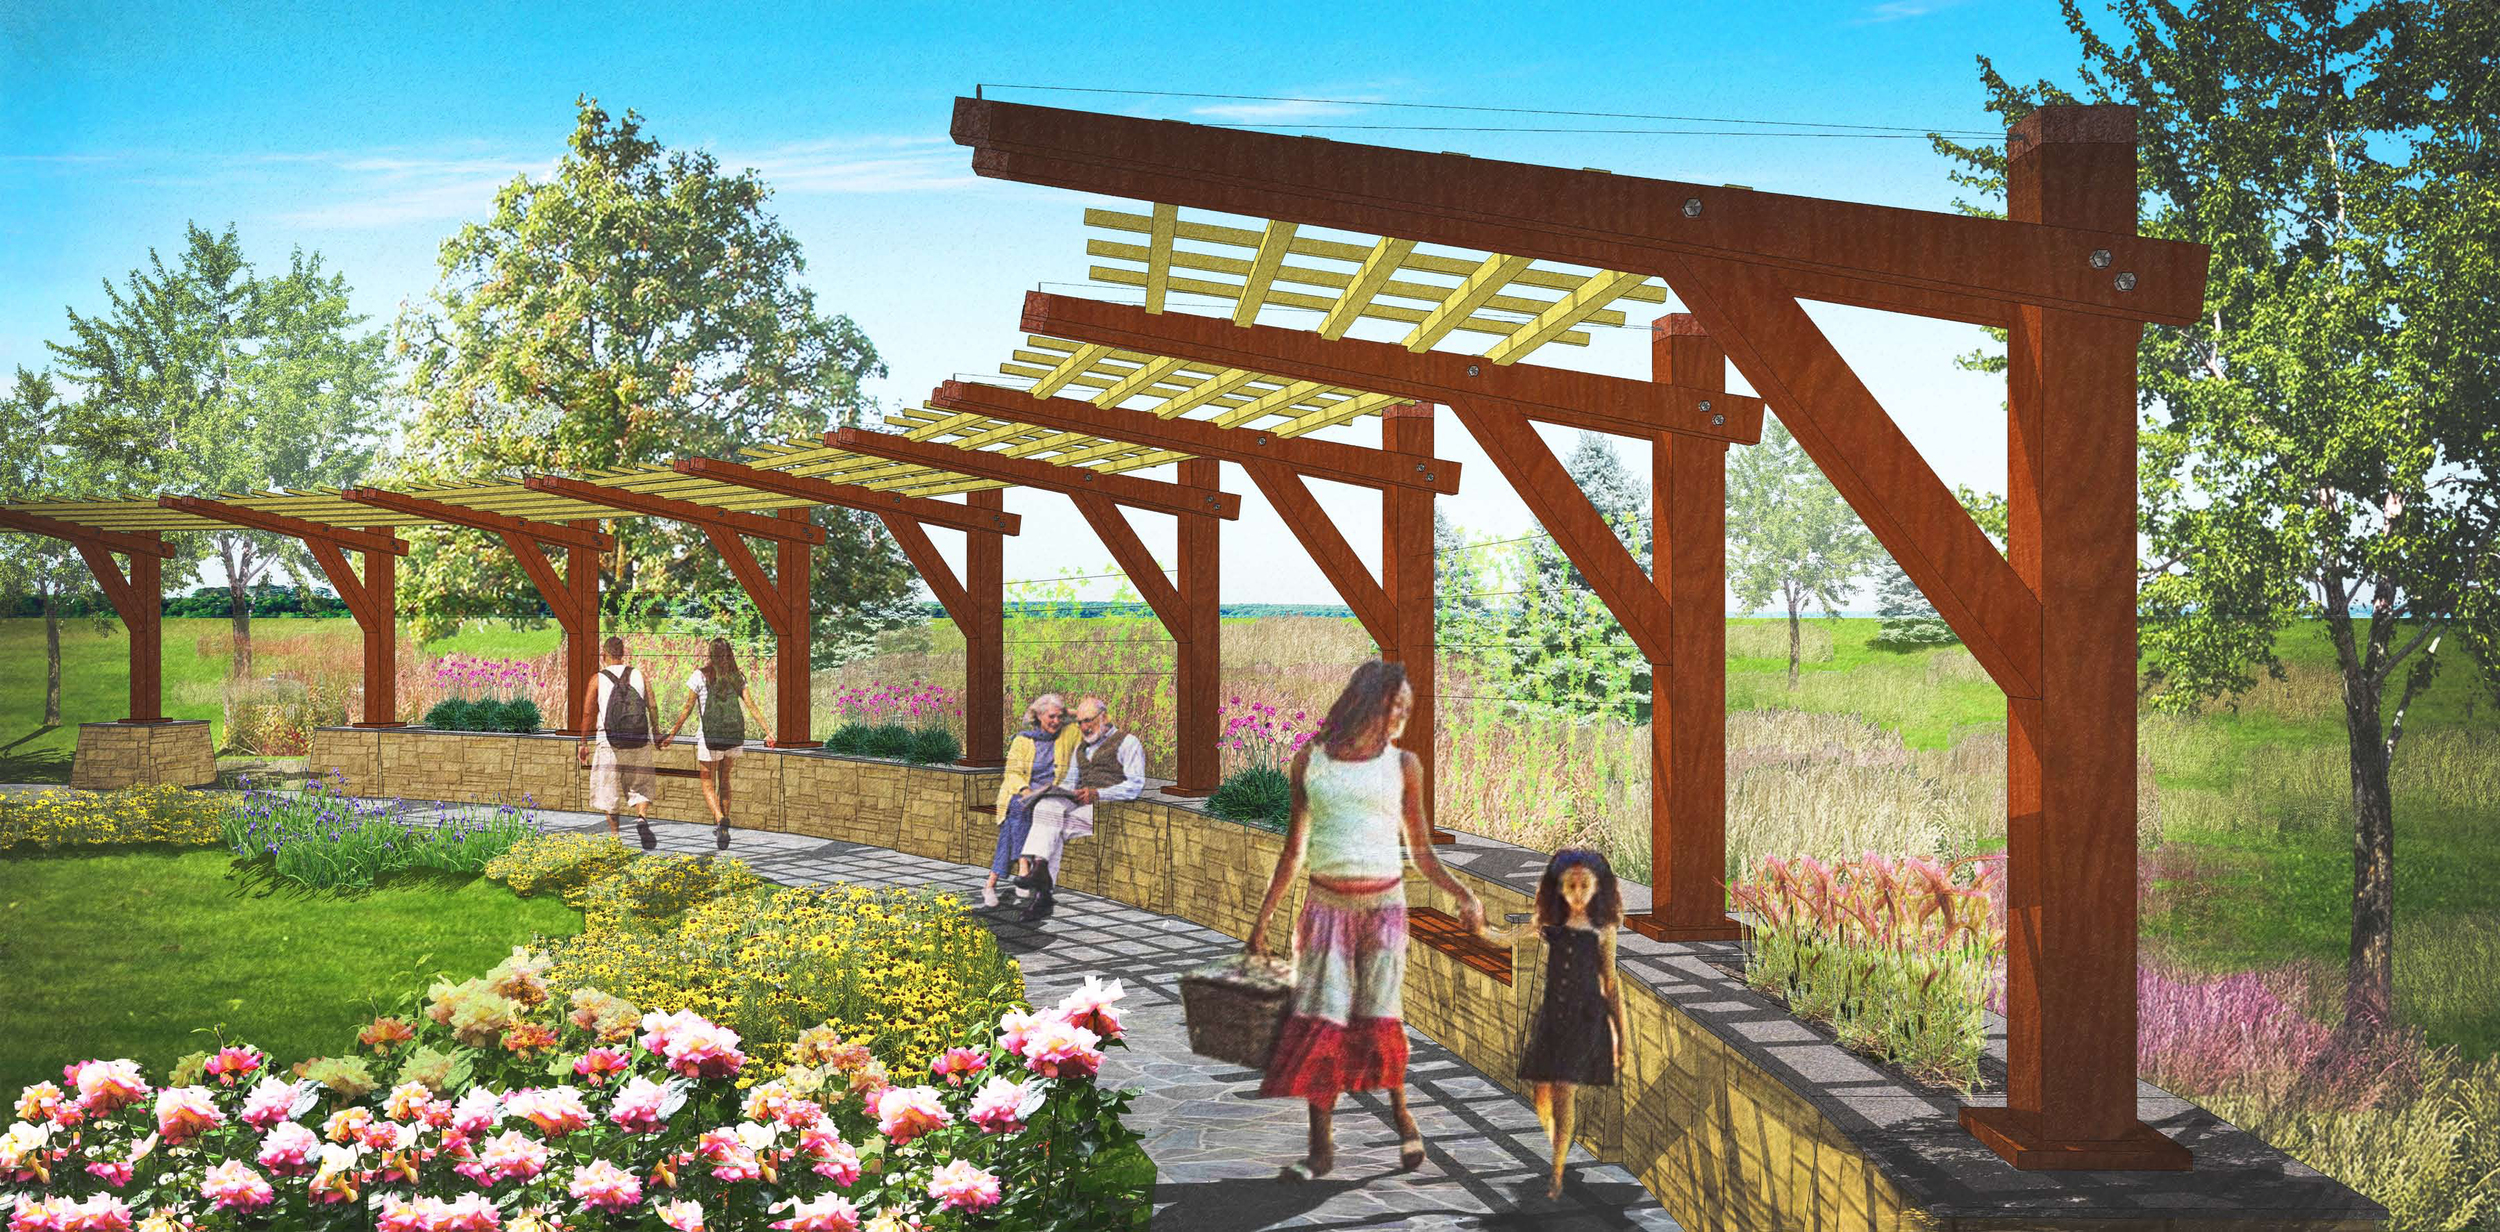 Pergola and Garden Design